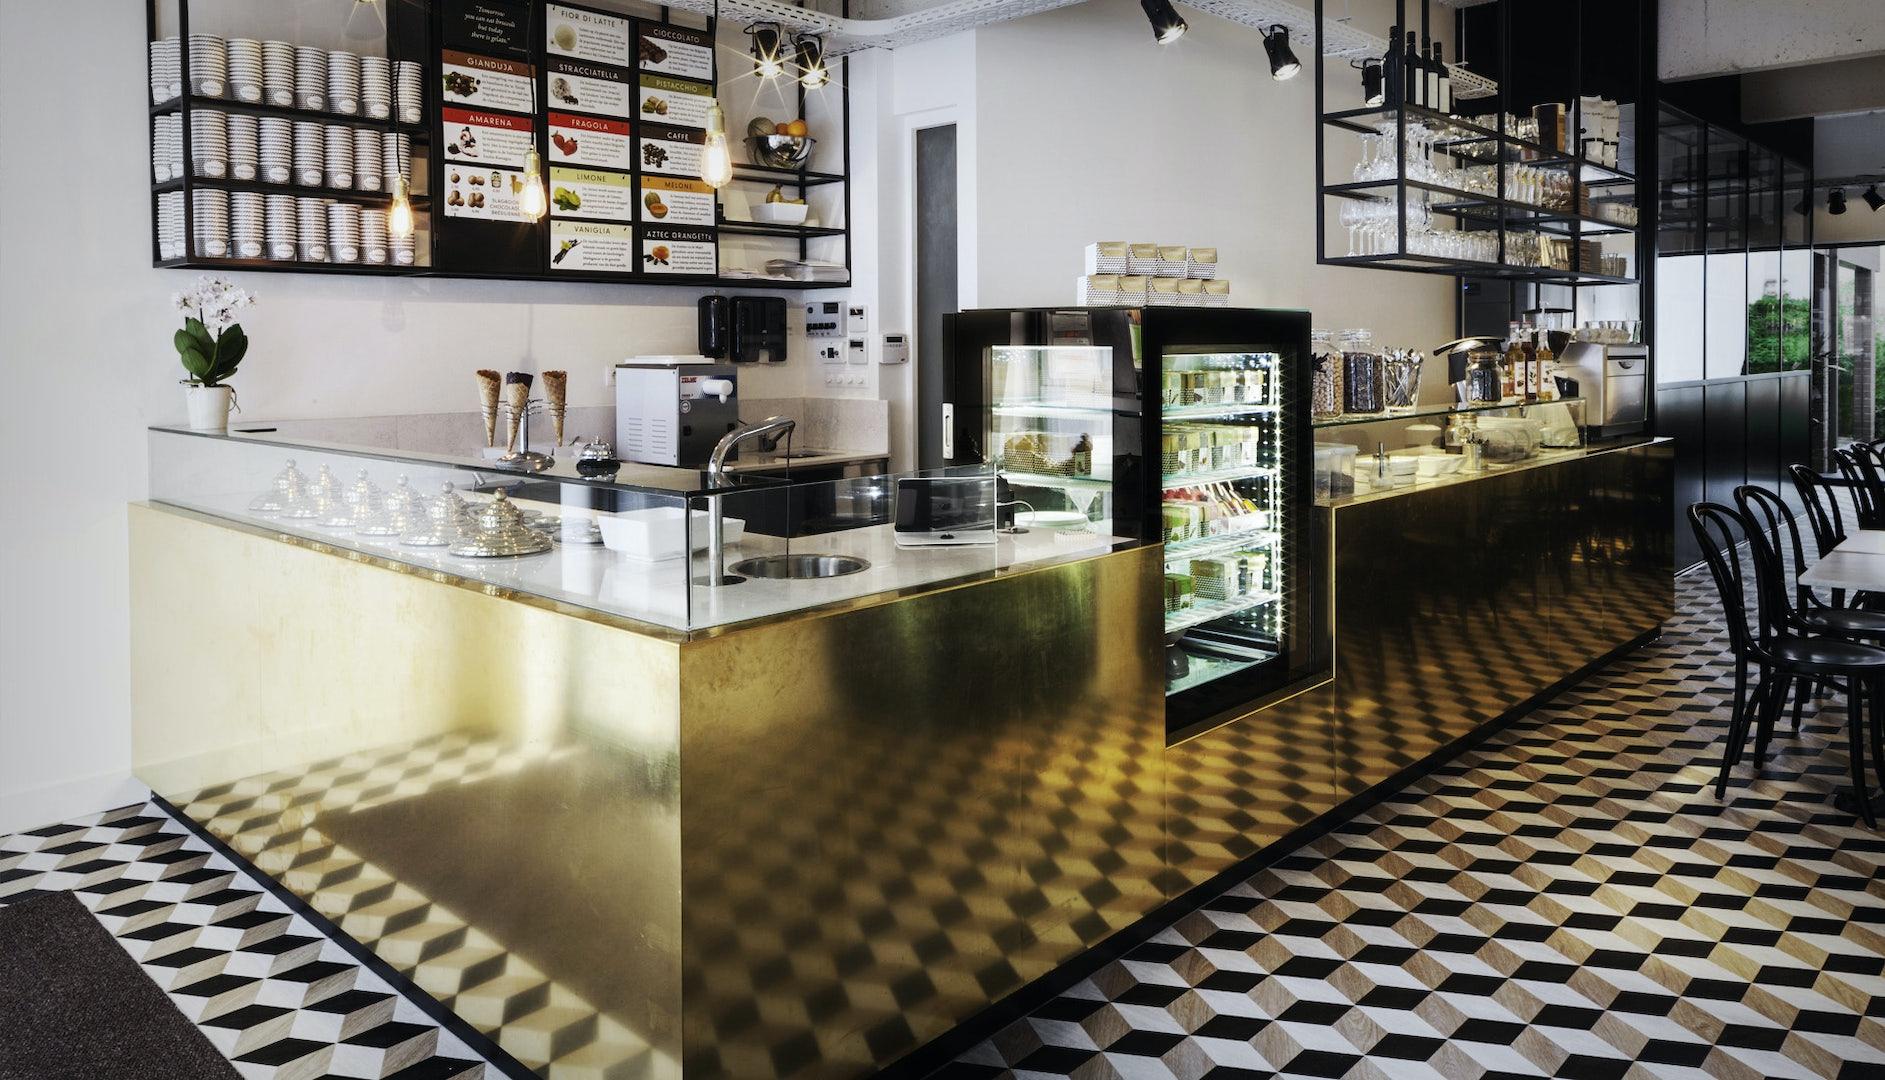 Antwerp - Cremerie Germaine interior